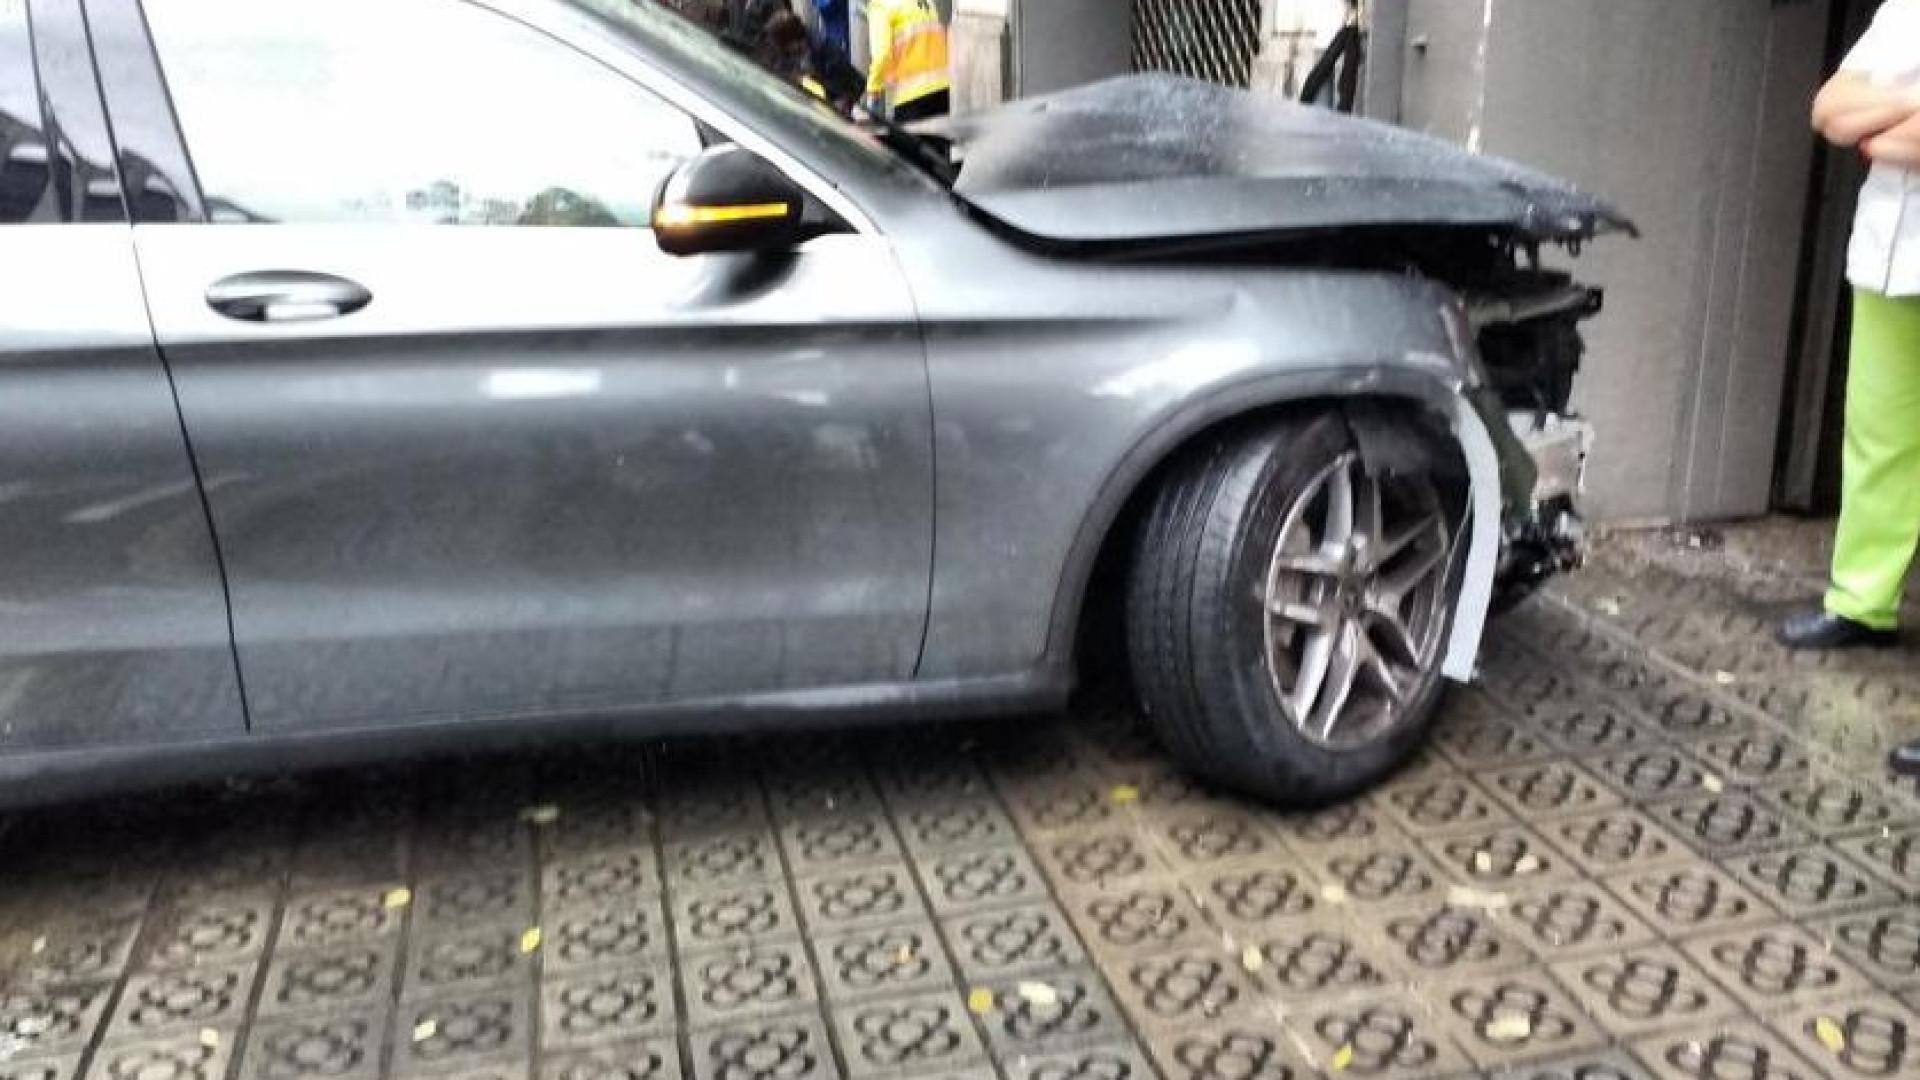 Carro despista-se em Barcelona e abalroa várias pessoas. Há 4 feridos